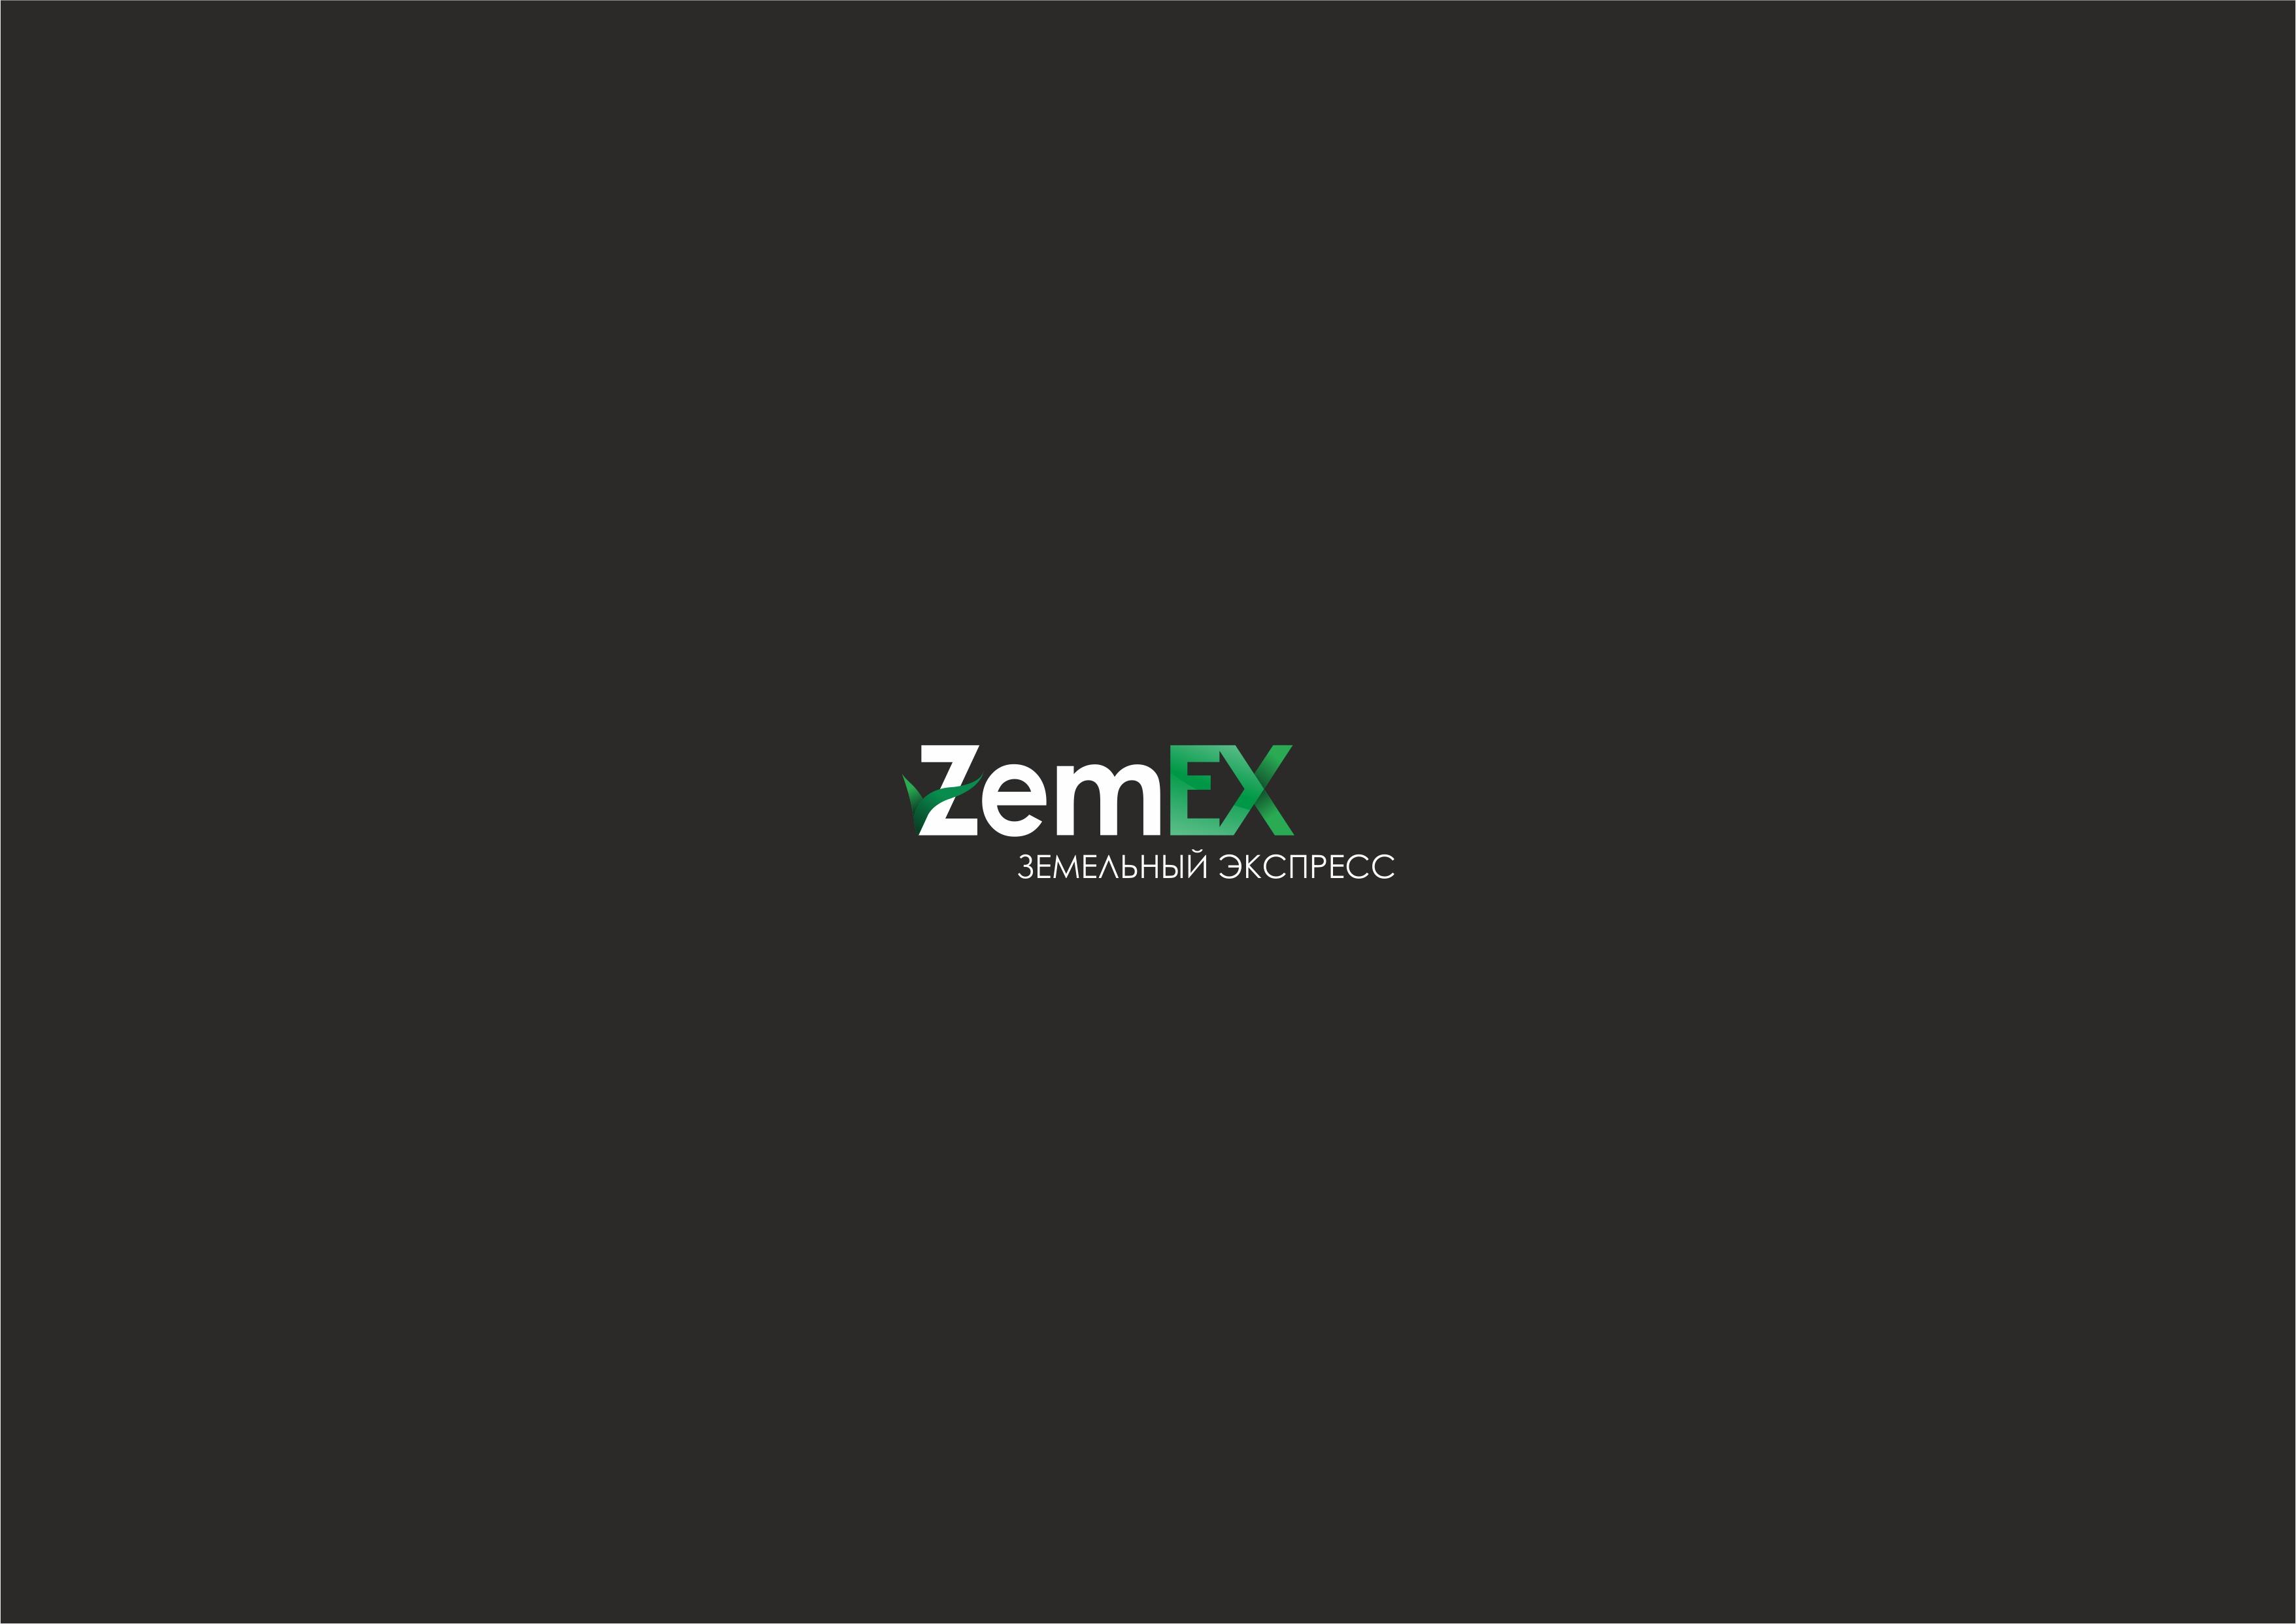 Создание логотипа и фирменного стиля фото f_73159de0080b6adc.jpg